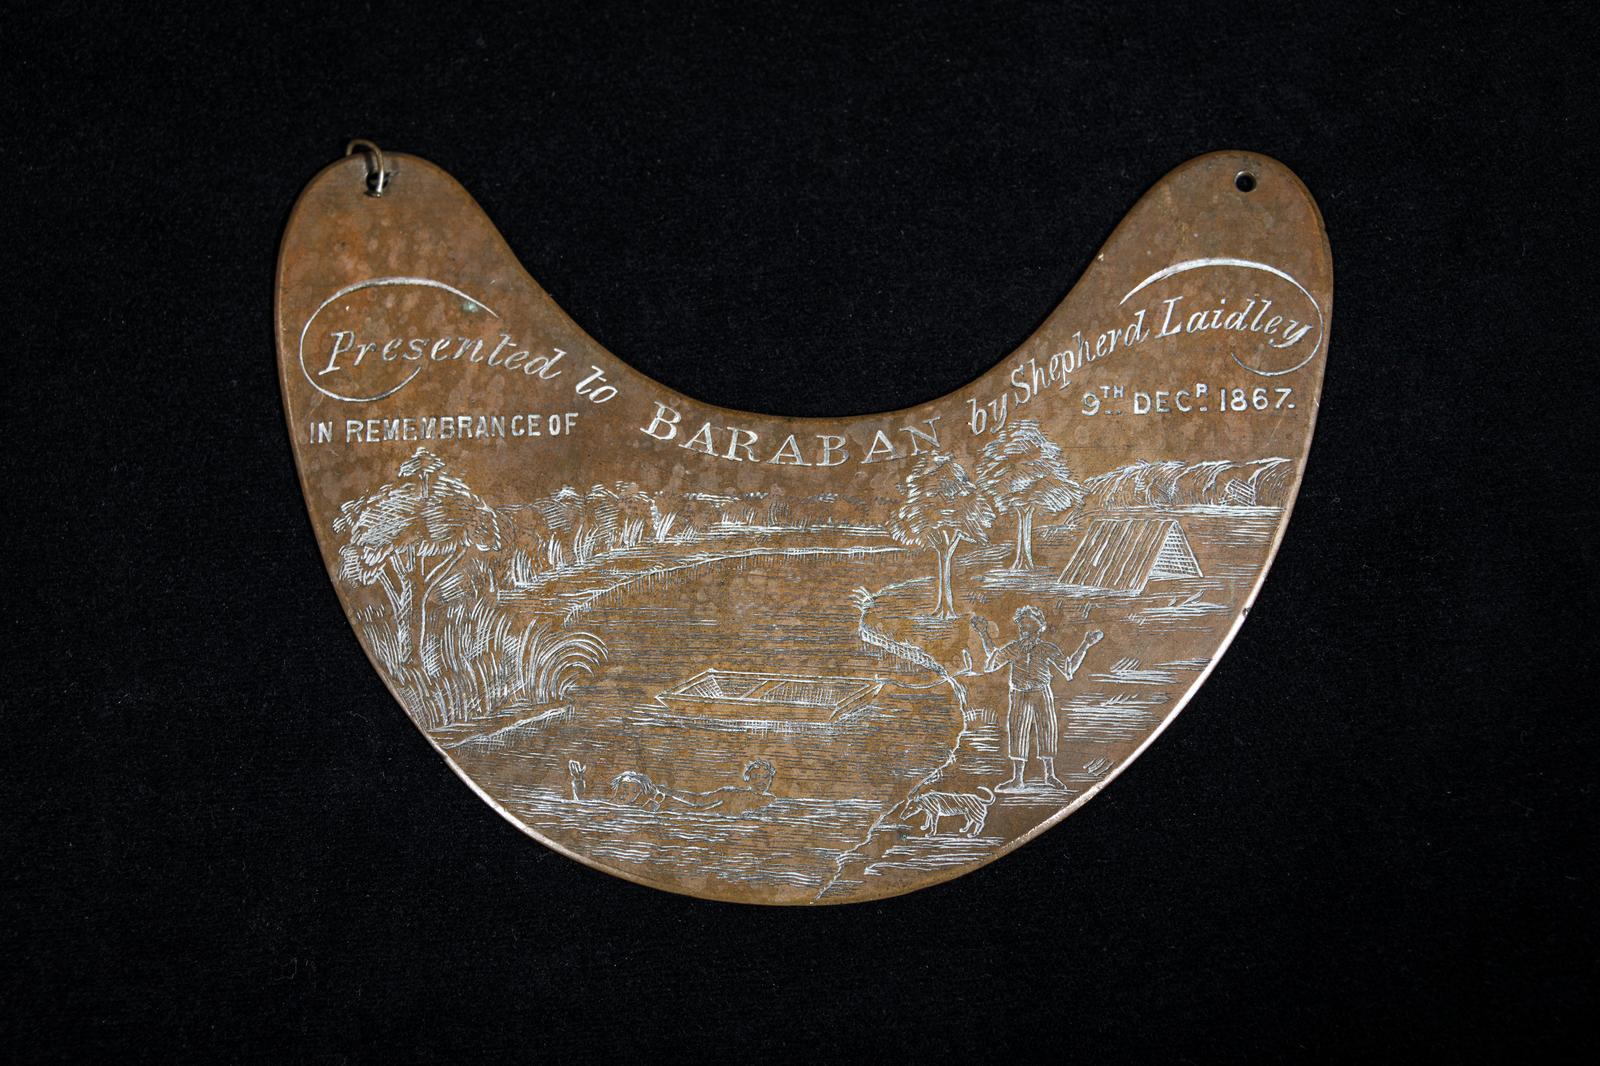 Baraban Breastplate 1867